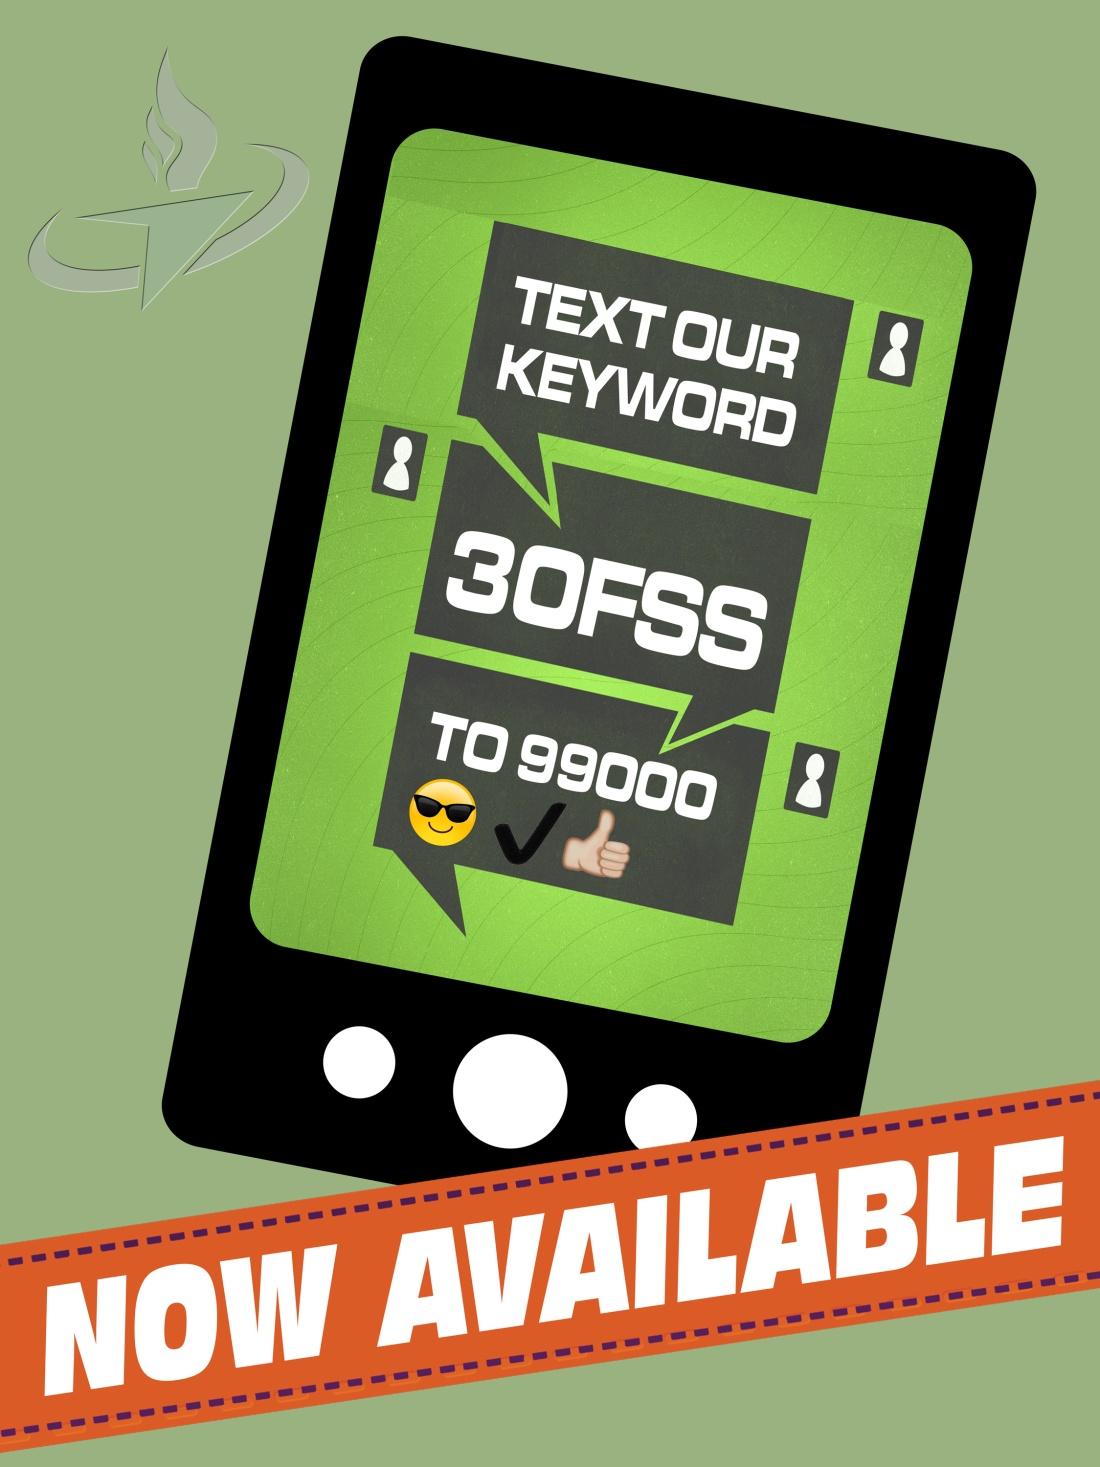 textnowroad